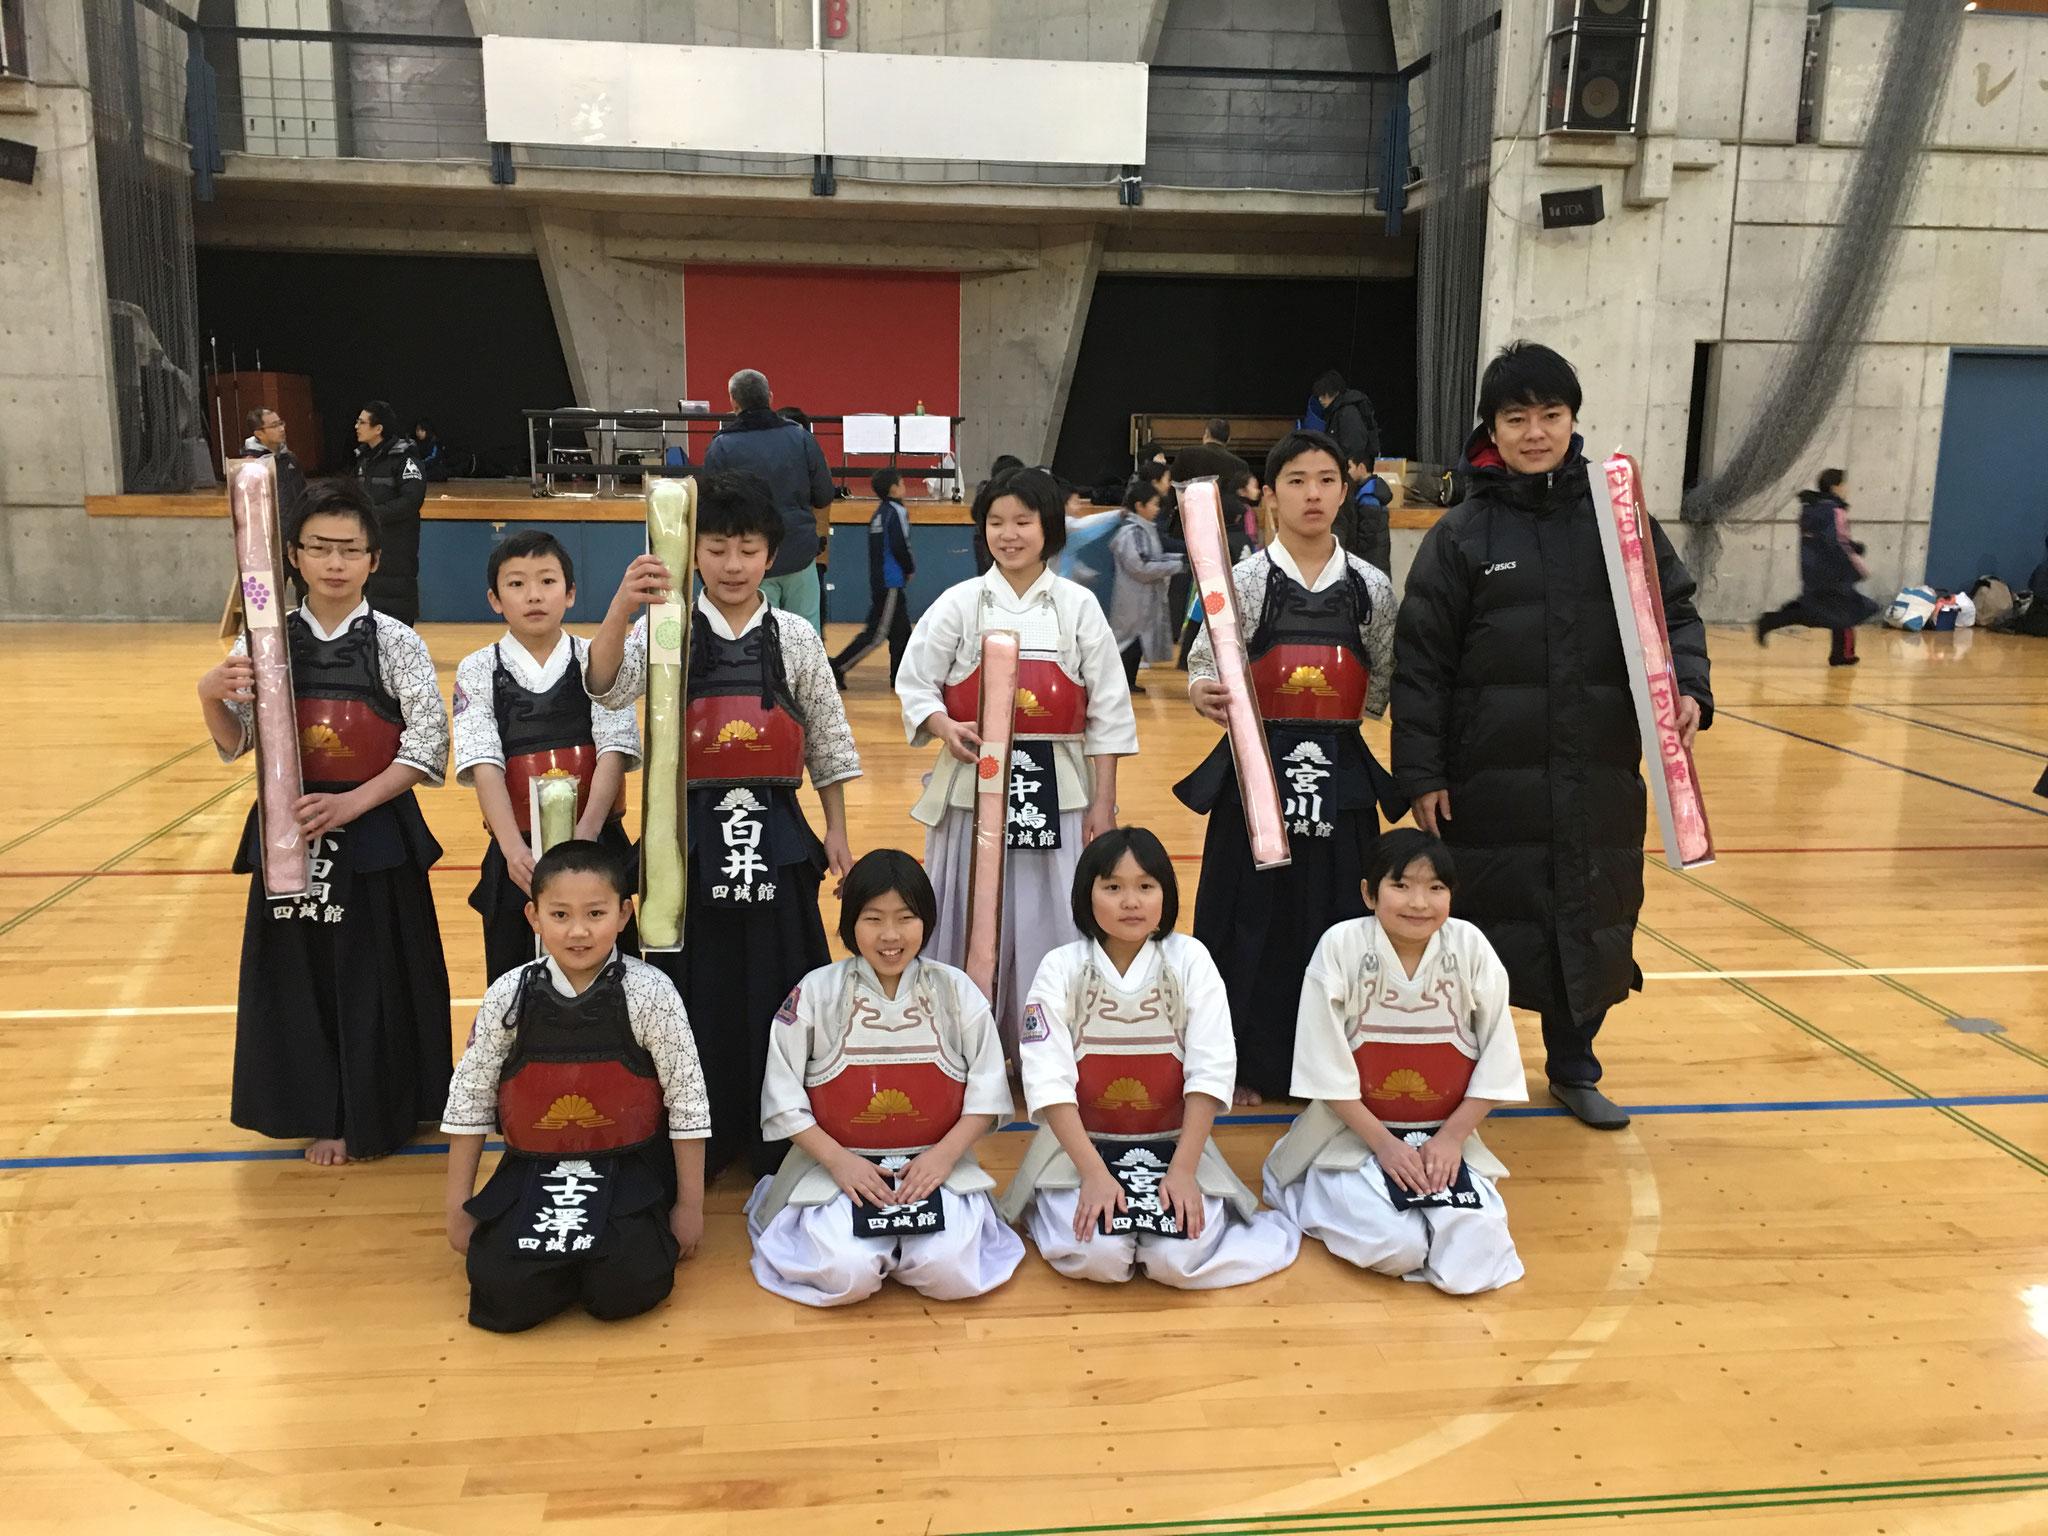 三島剣道連盟冬季小学生錬成会